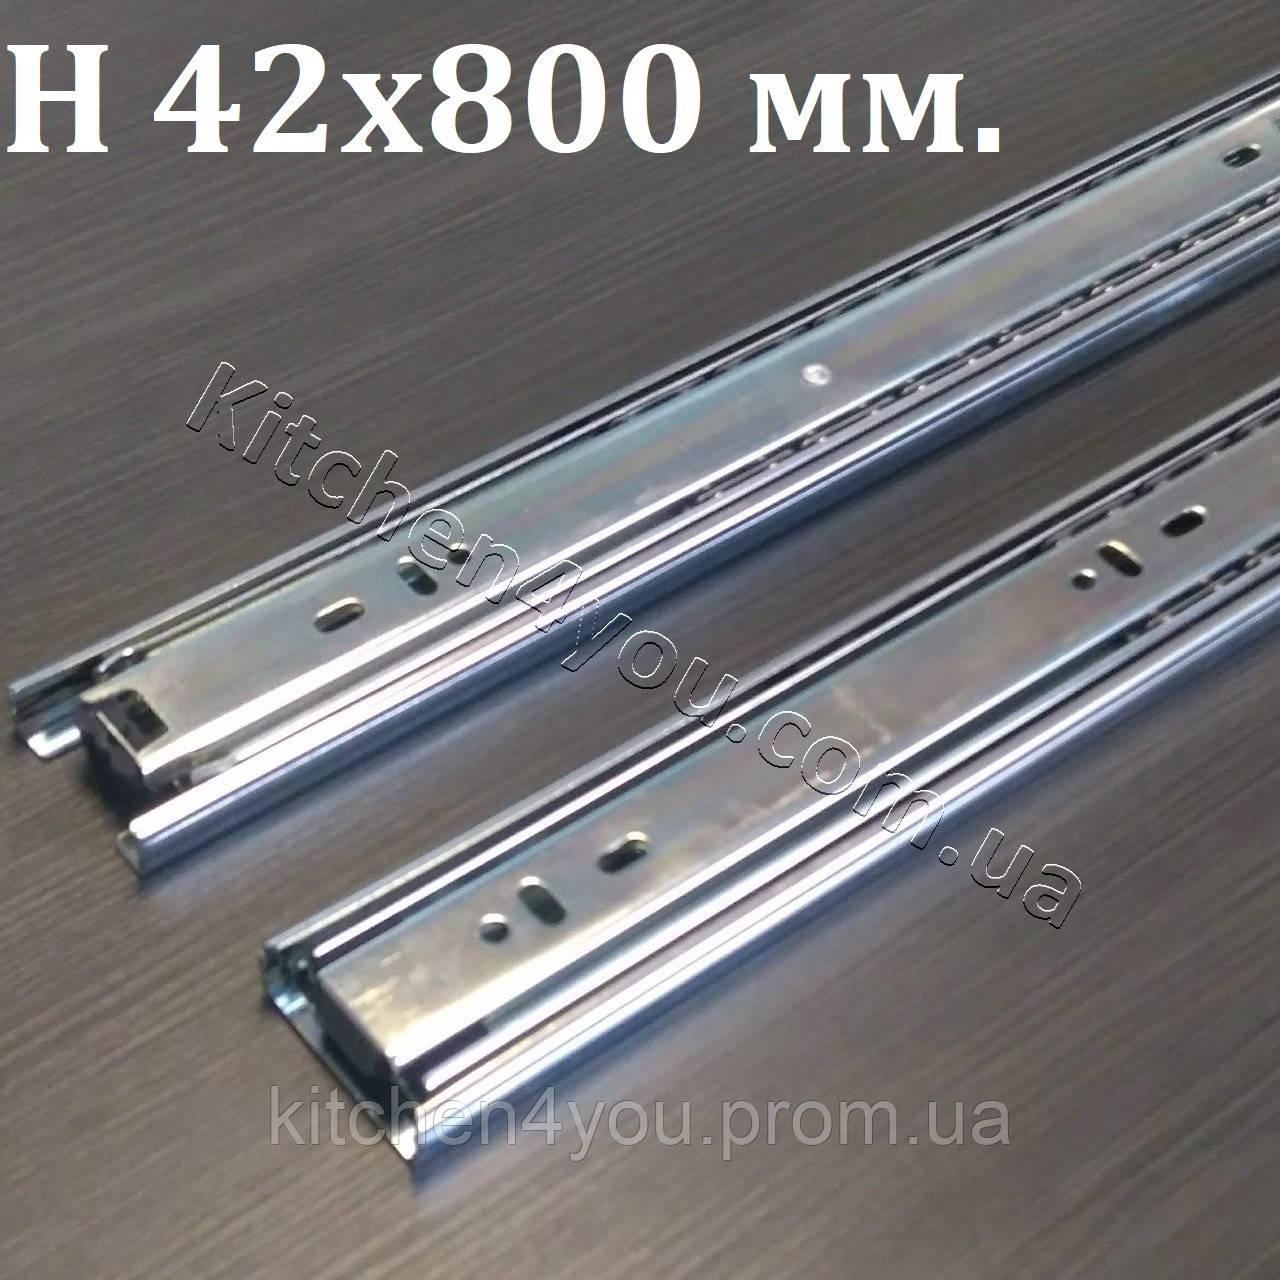 Телескопічна направляюча повного висунення MAR 42х800 мм.